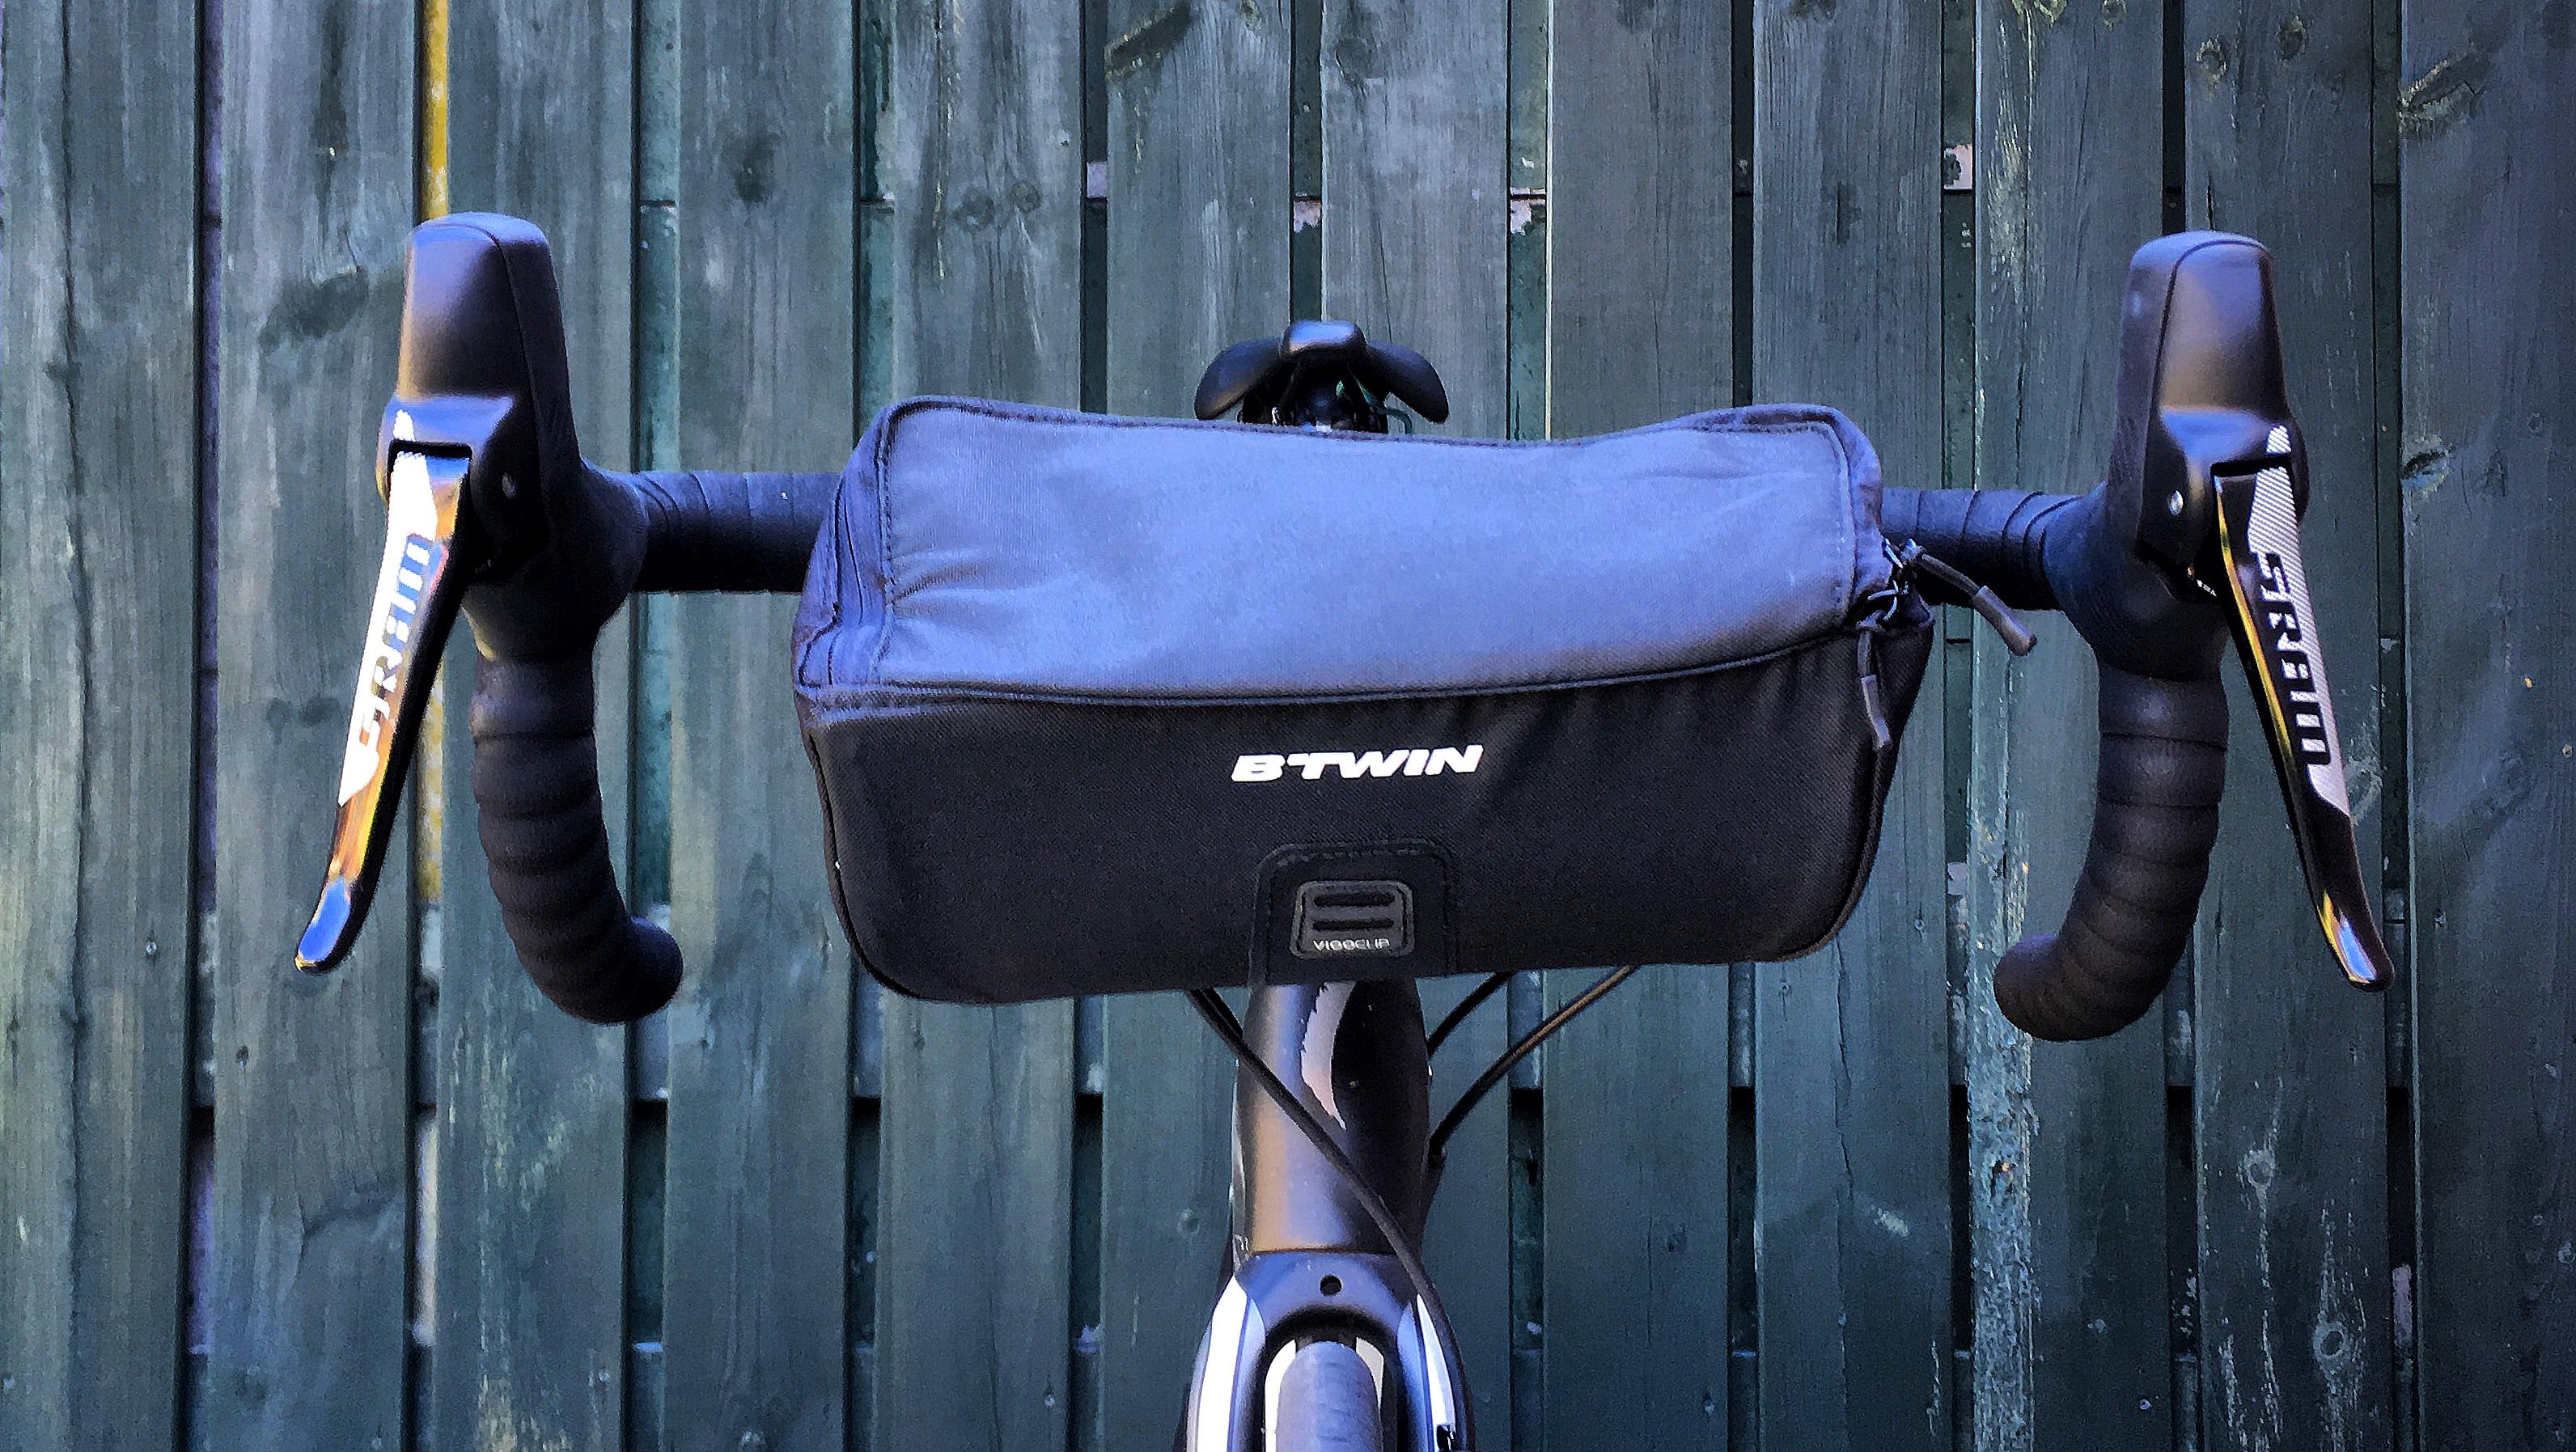 Review B Twin 300 Handlebar Bag 100 Viavelo Magazine